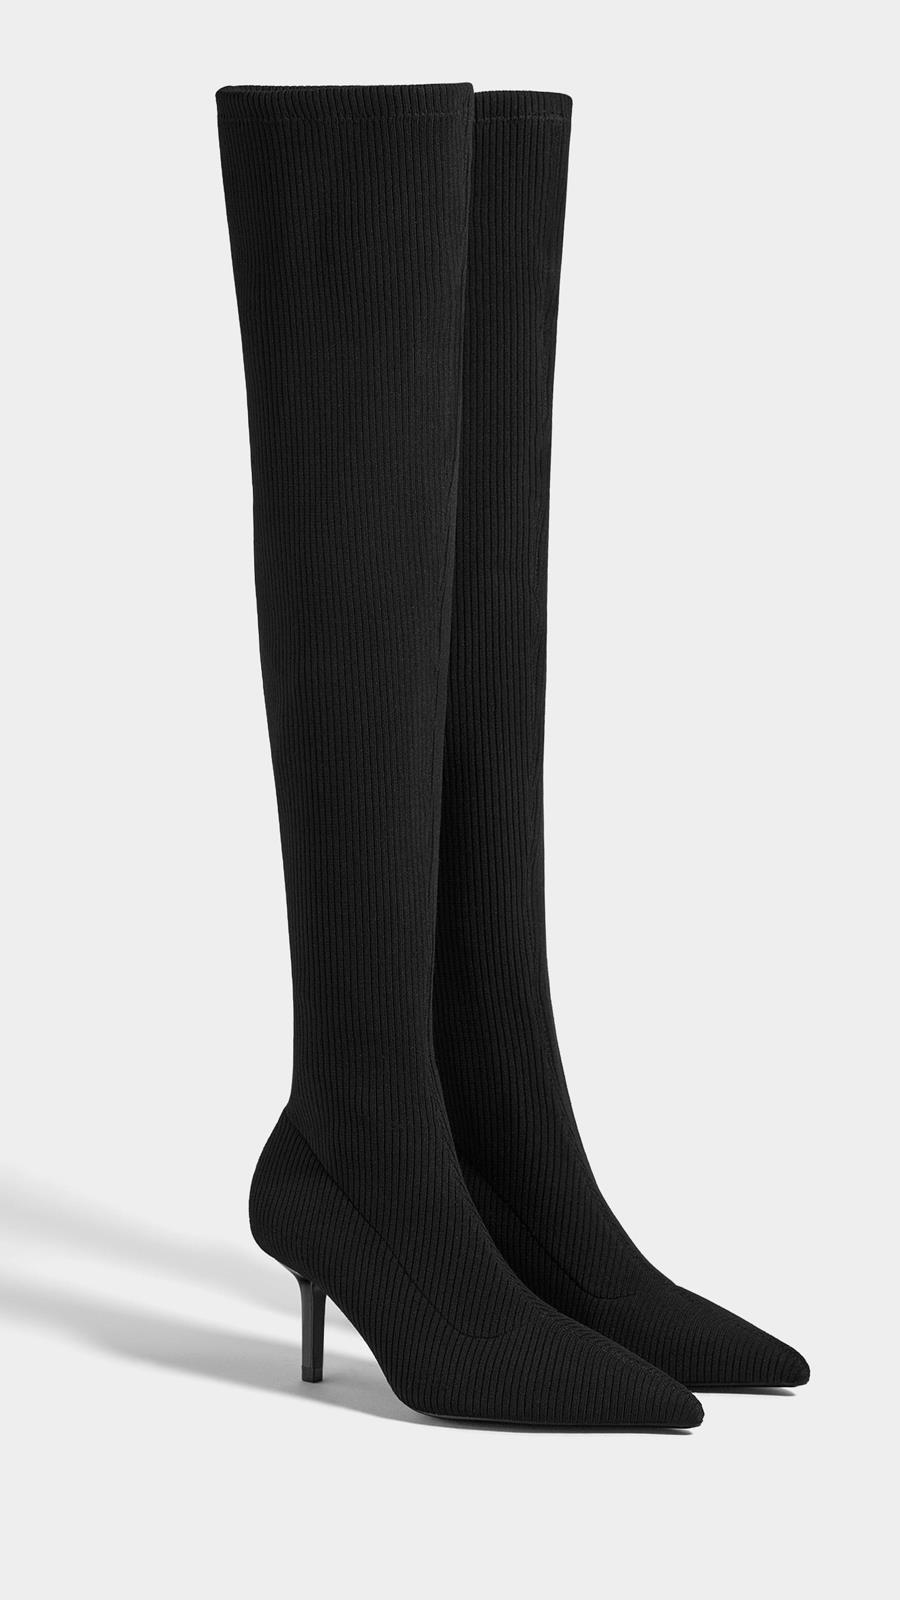 6bfa023e4 Botas de tacón fino con caña tipo calcetín de Bershka (39